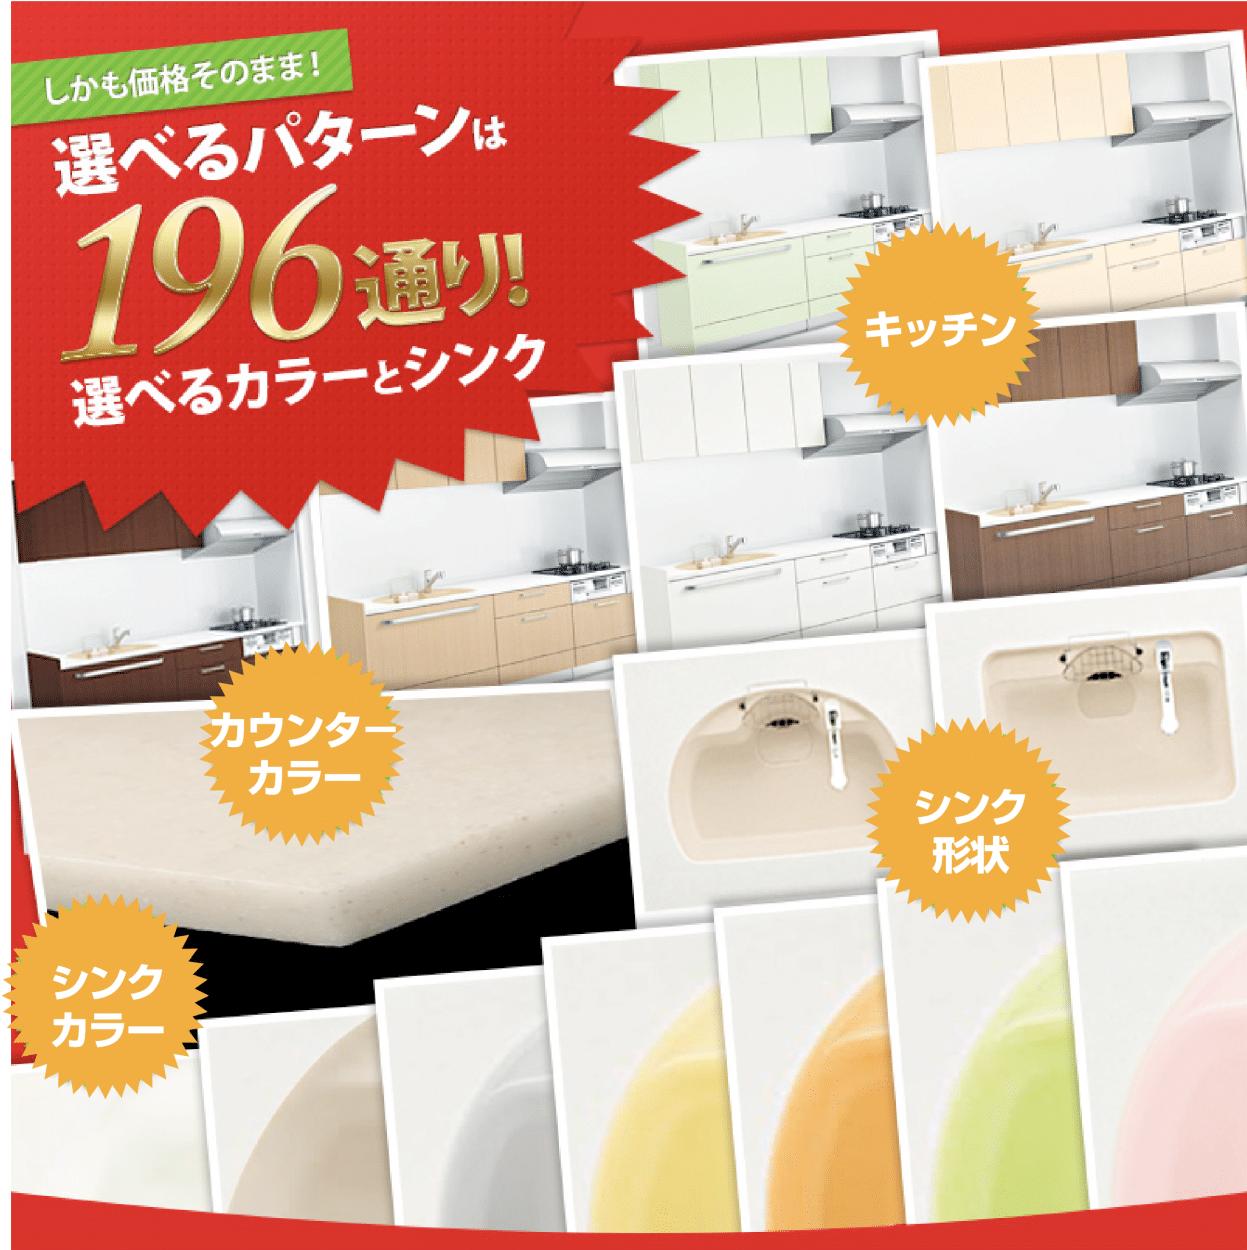 価格そのまま!TOCLASのキッチンは196種類のカラーとシンクを選べる